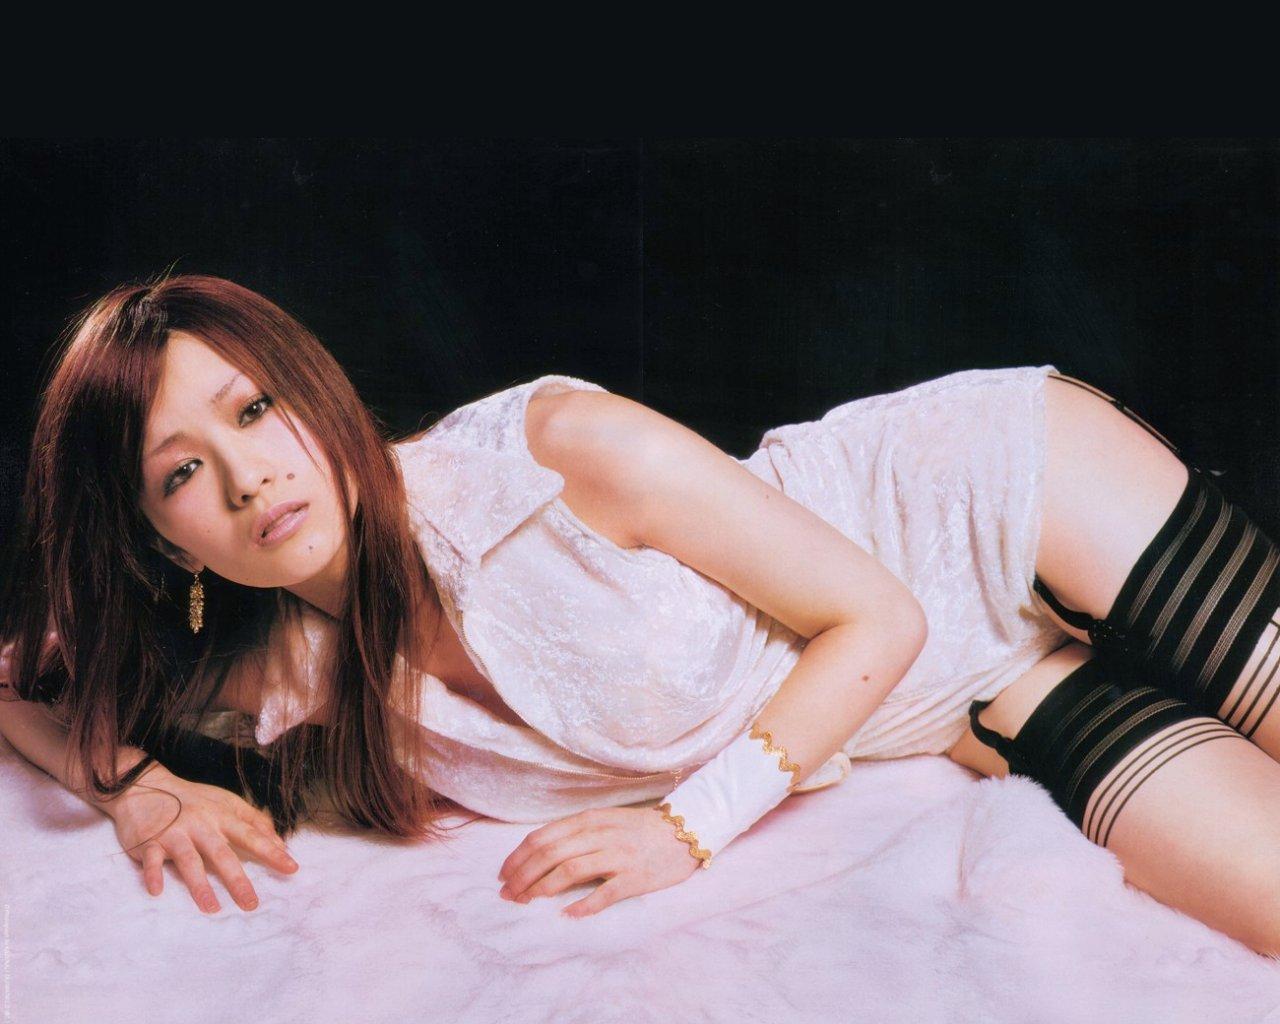 椎名林檎のお宝エロ画像